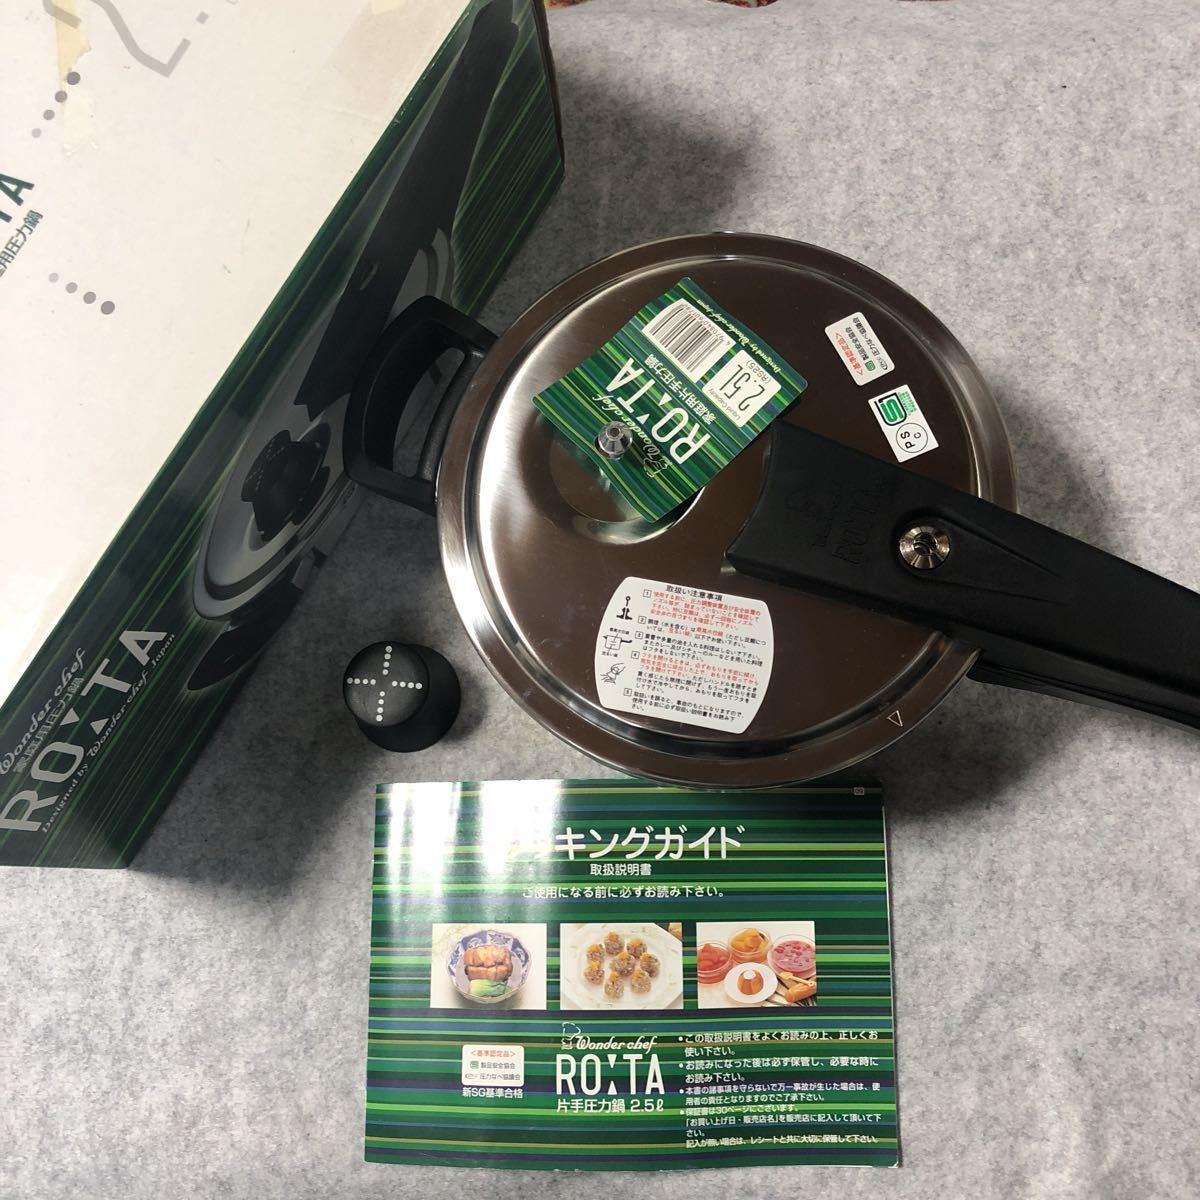 [未使用]家庭用 圧力鍋 ワンダーシェフ RO TA 2.5L